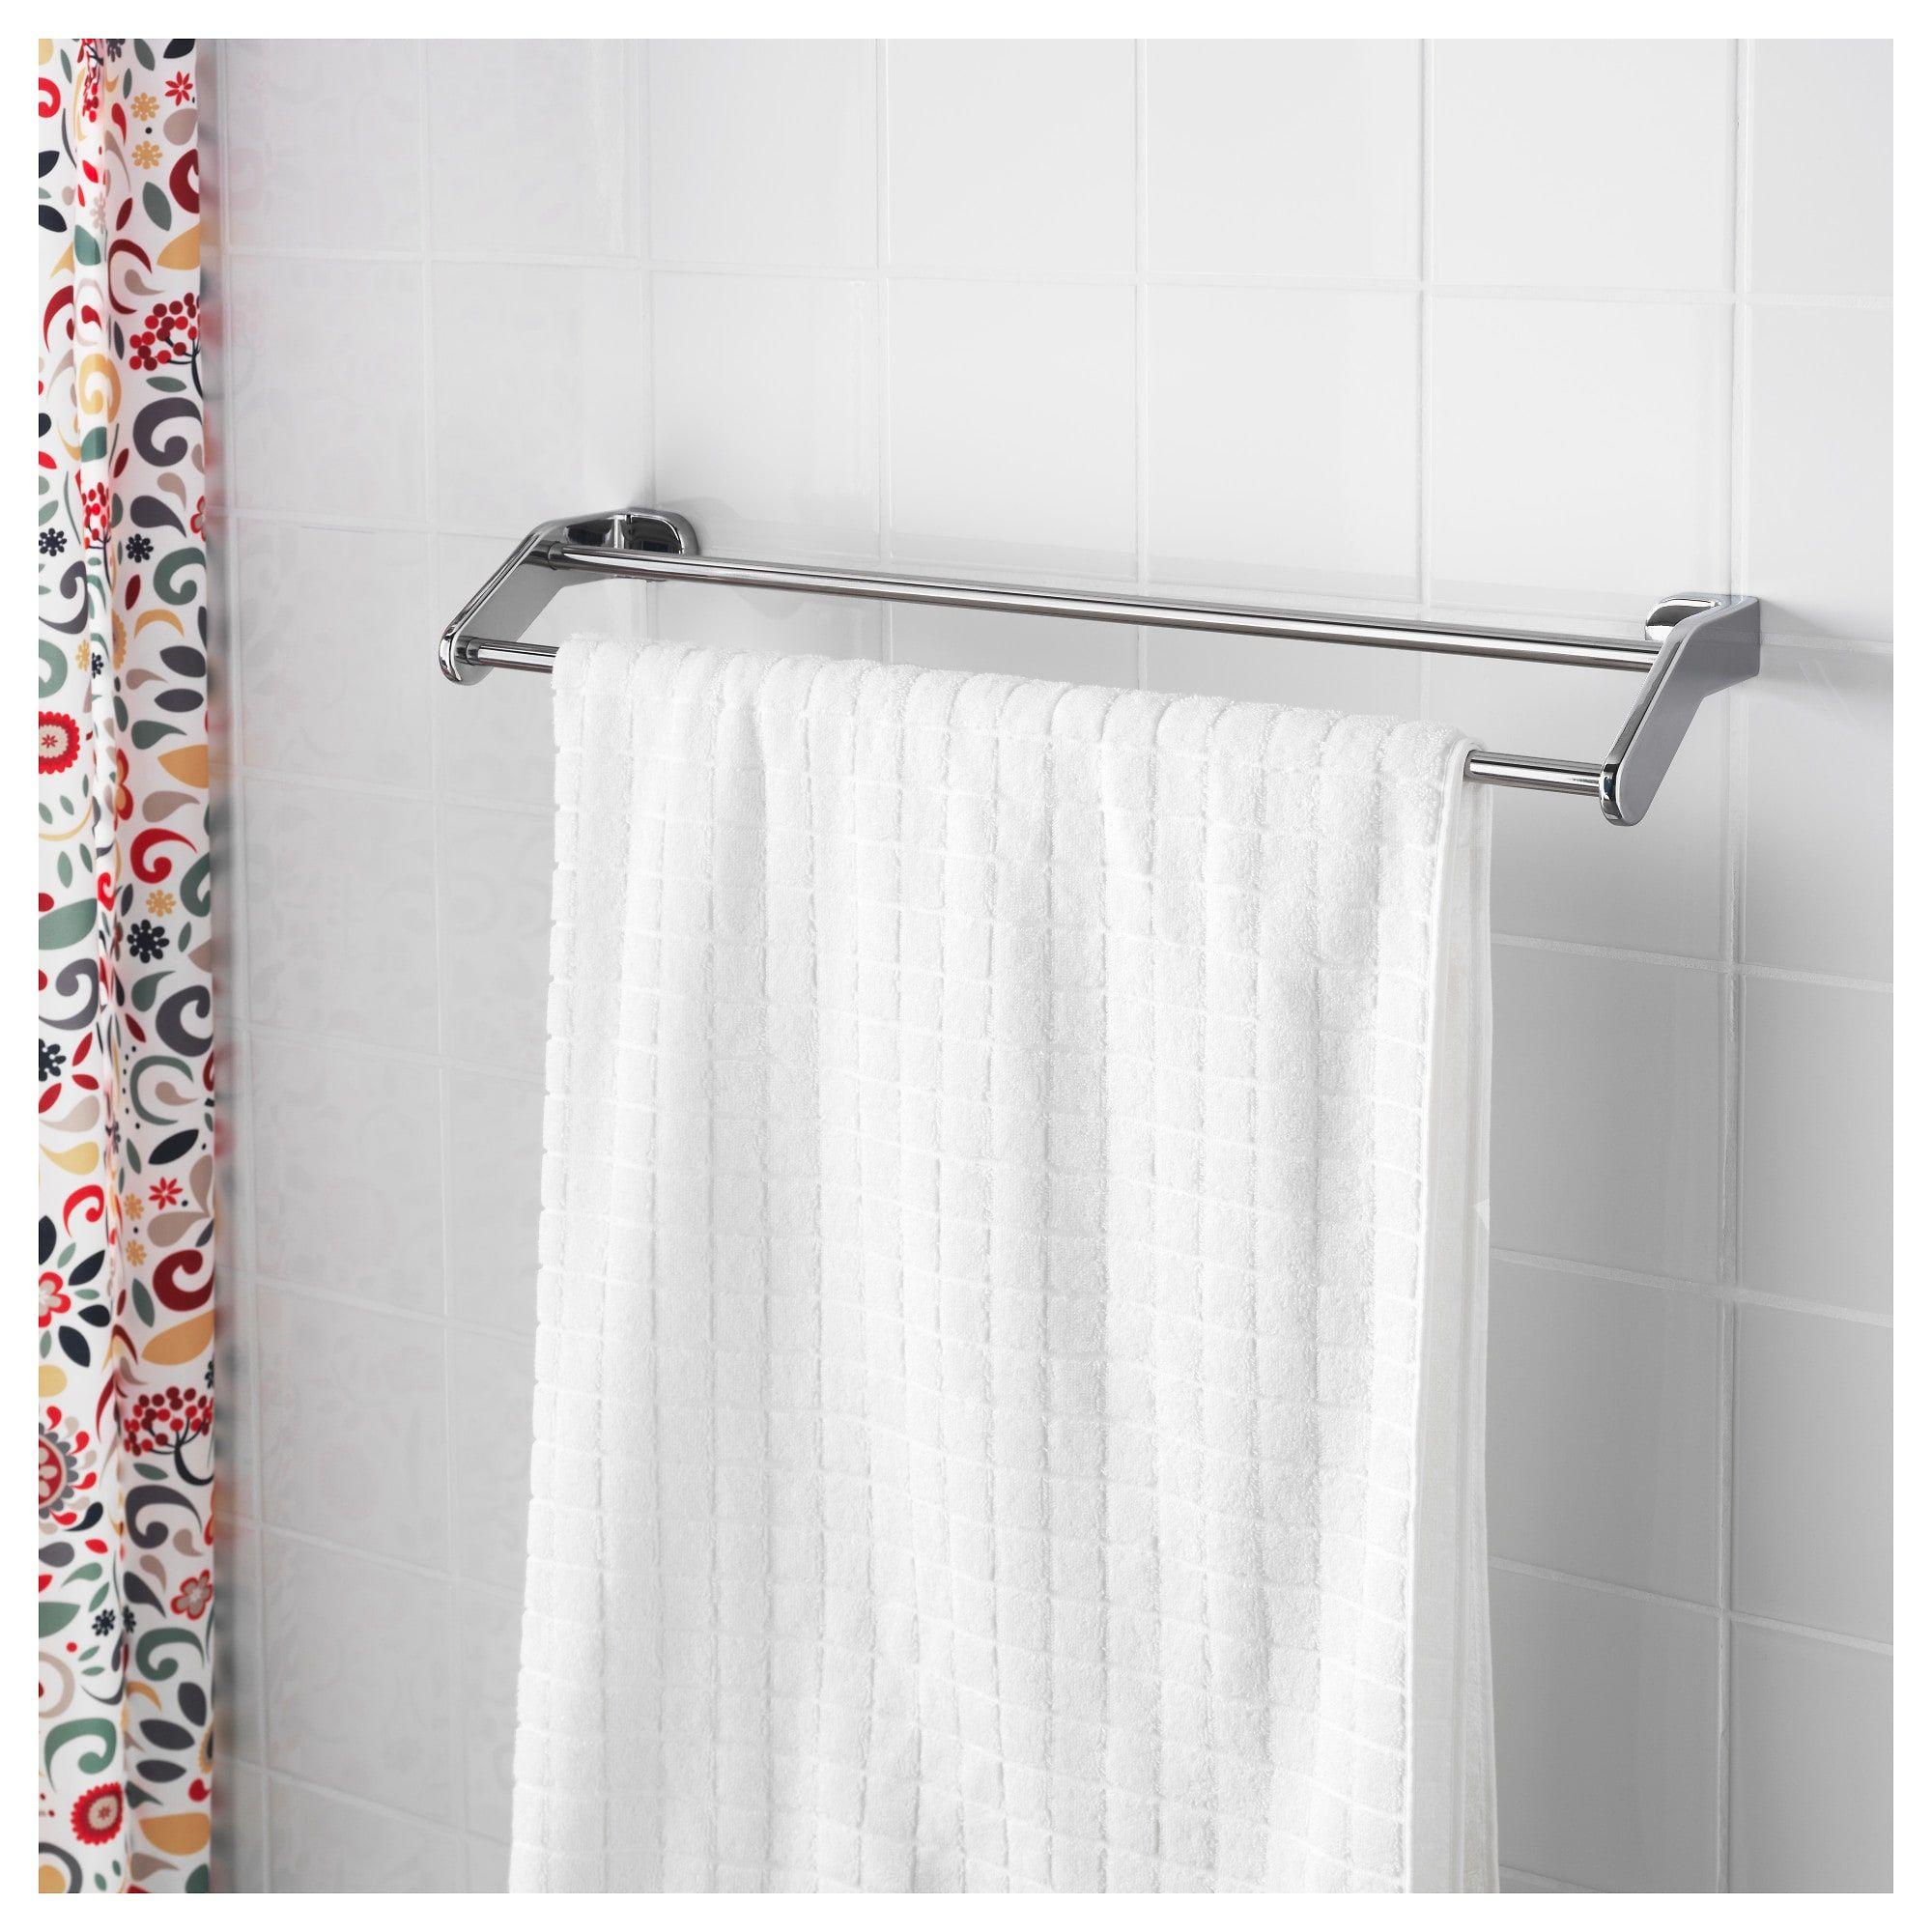 KALKGRUND Wall shelf with towel rail,Chrome-plated 63x23 cm-IKEA-Brand New